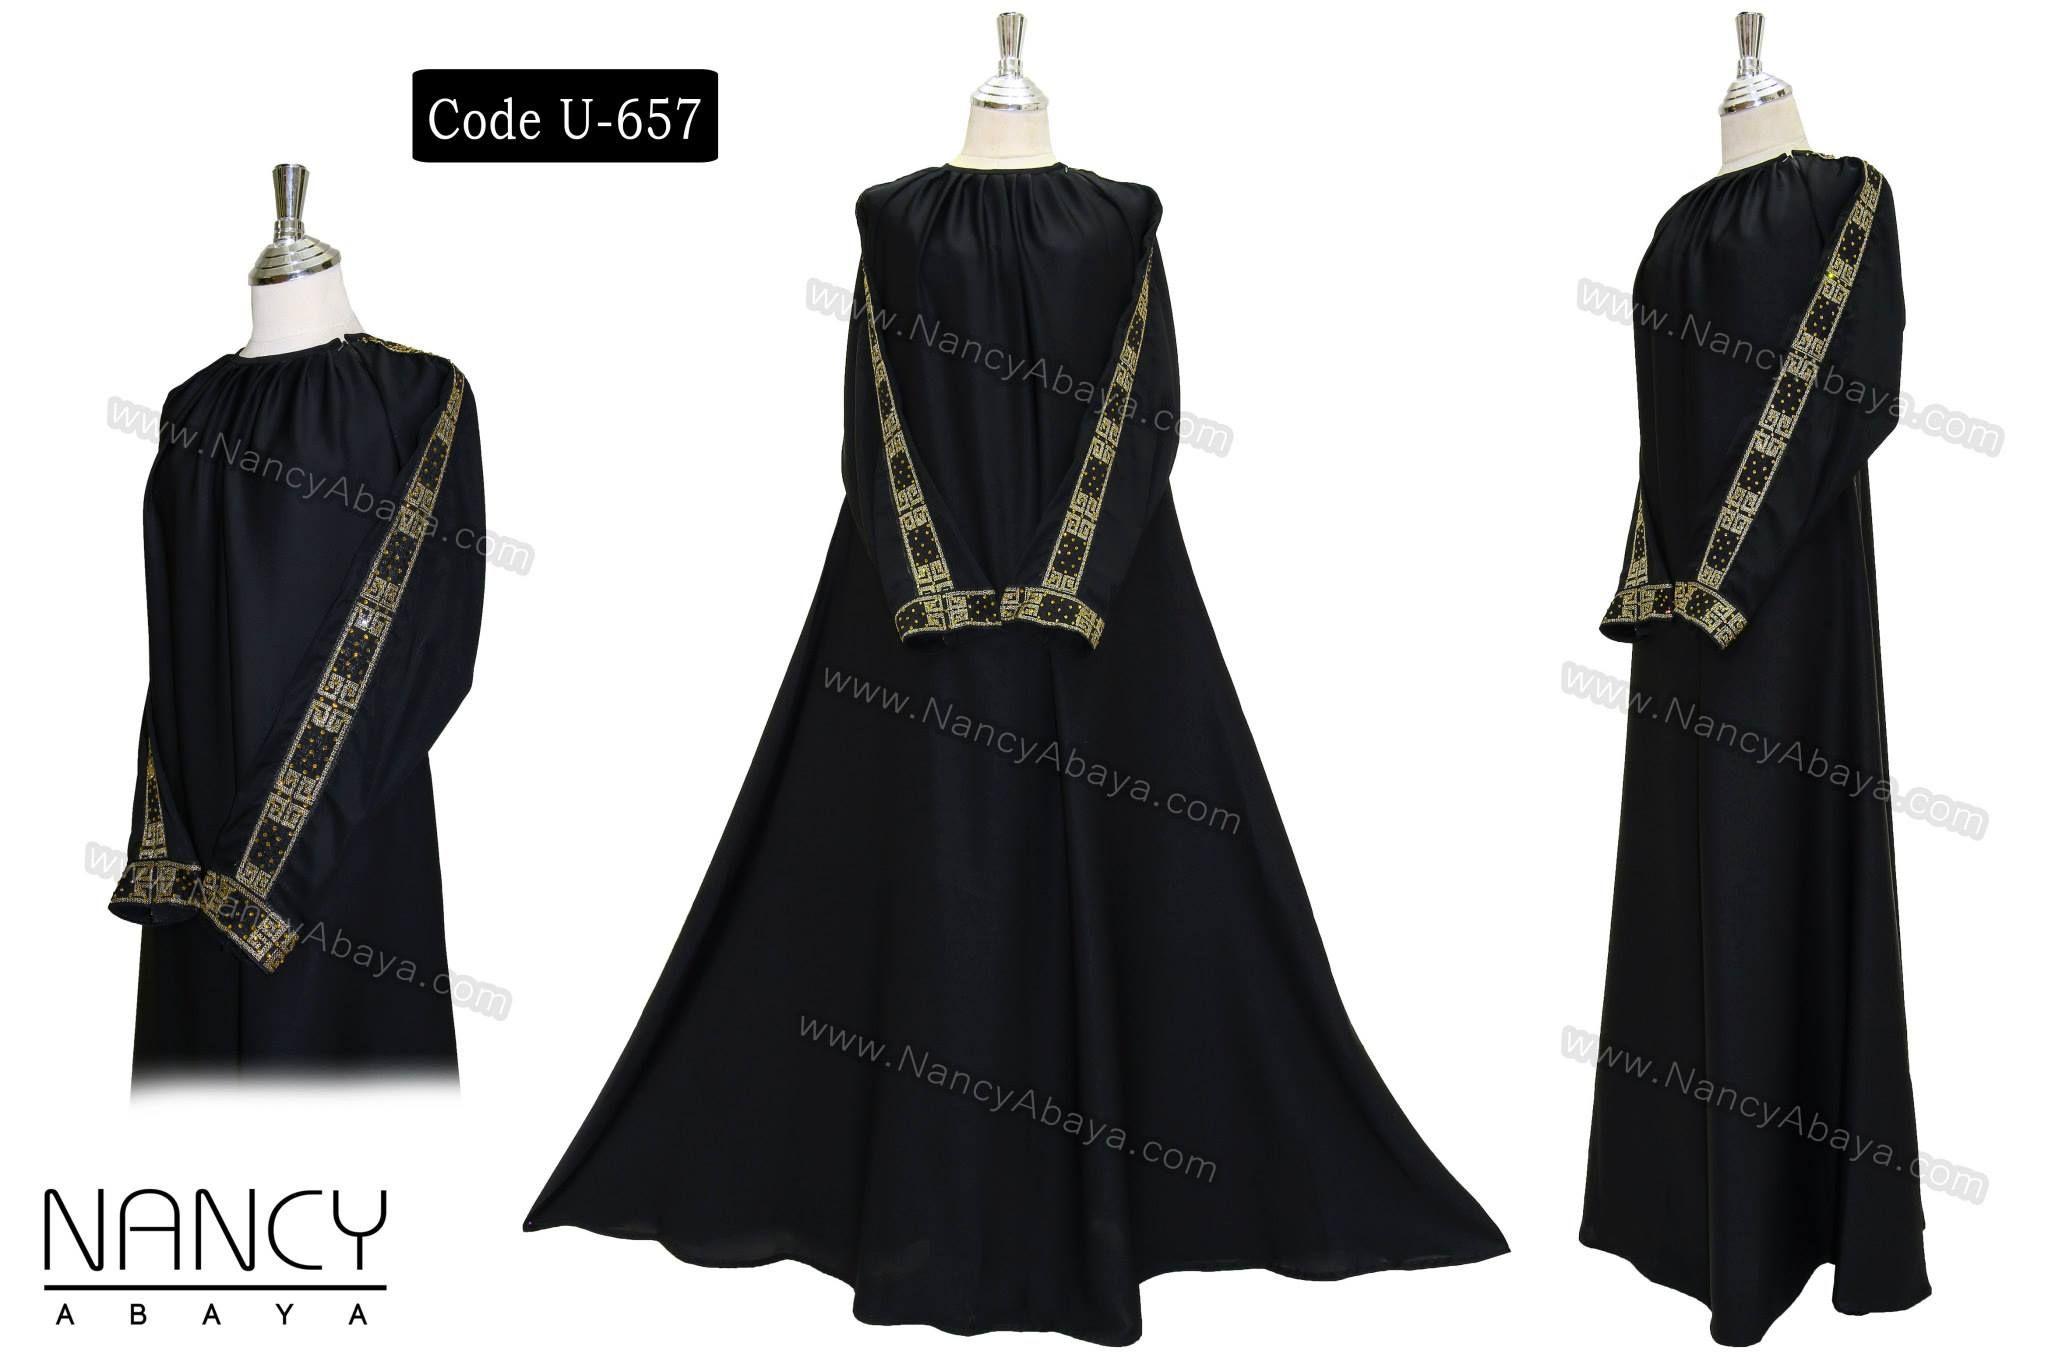 Abaya Code U 657 Available Sizes 52 Front Closed Umbrella Style 54 Front Closed Umbrella Style 56 Sold Abaya Fashion Umbrella Abaya Fashion